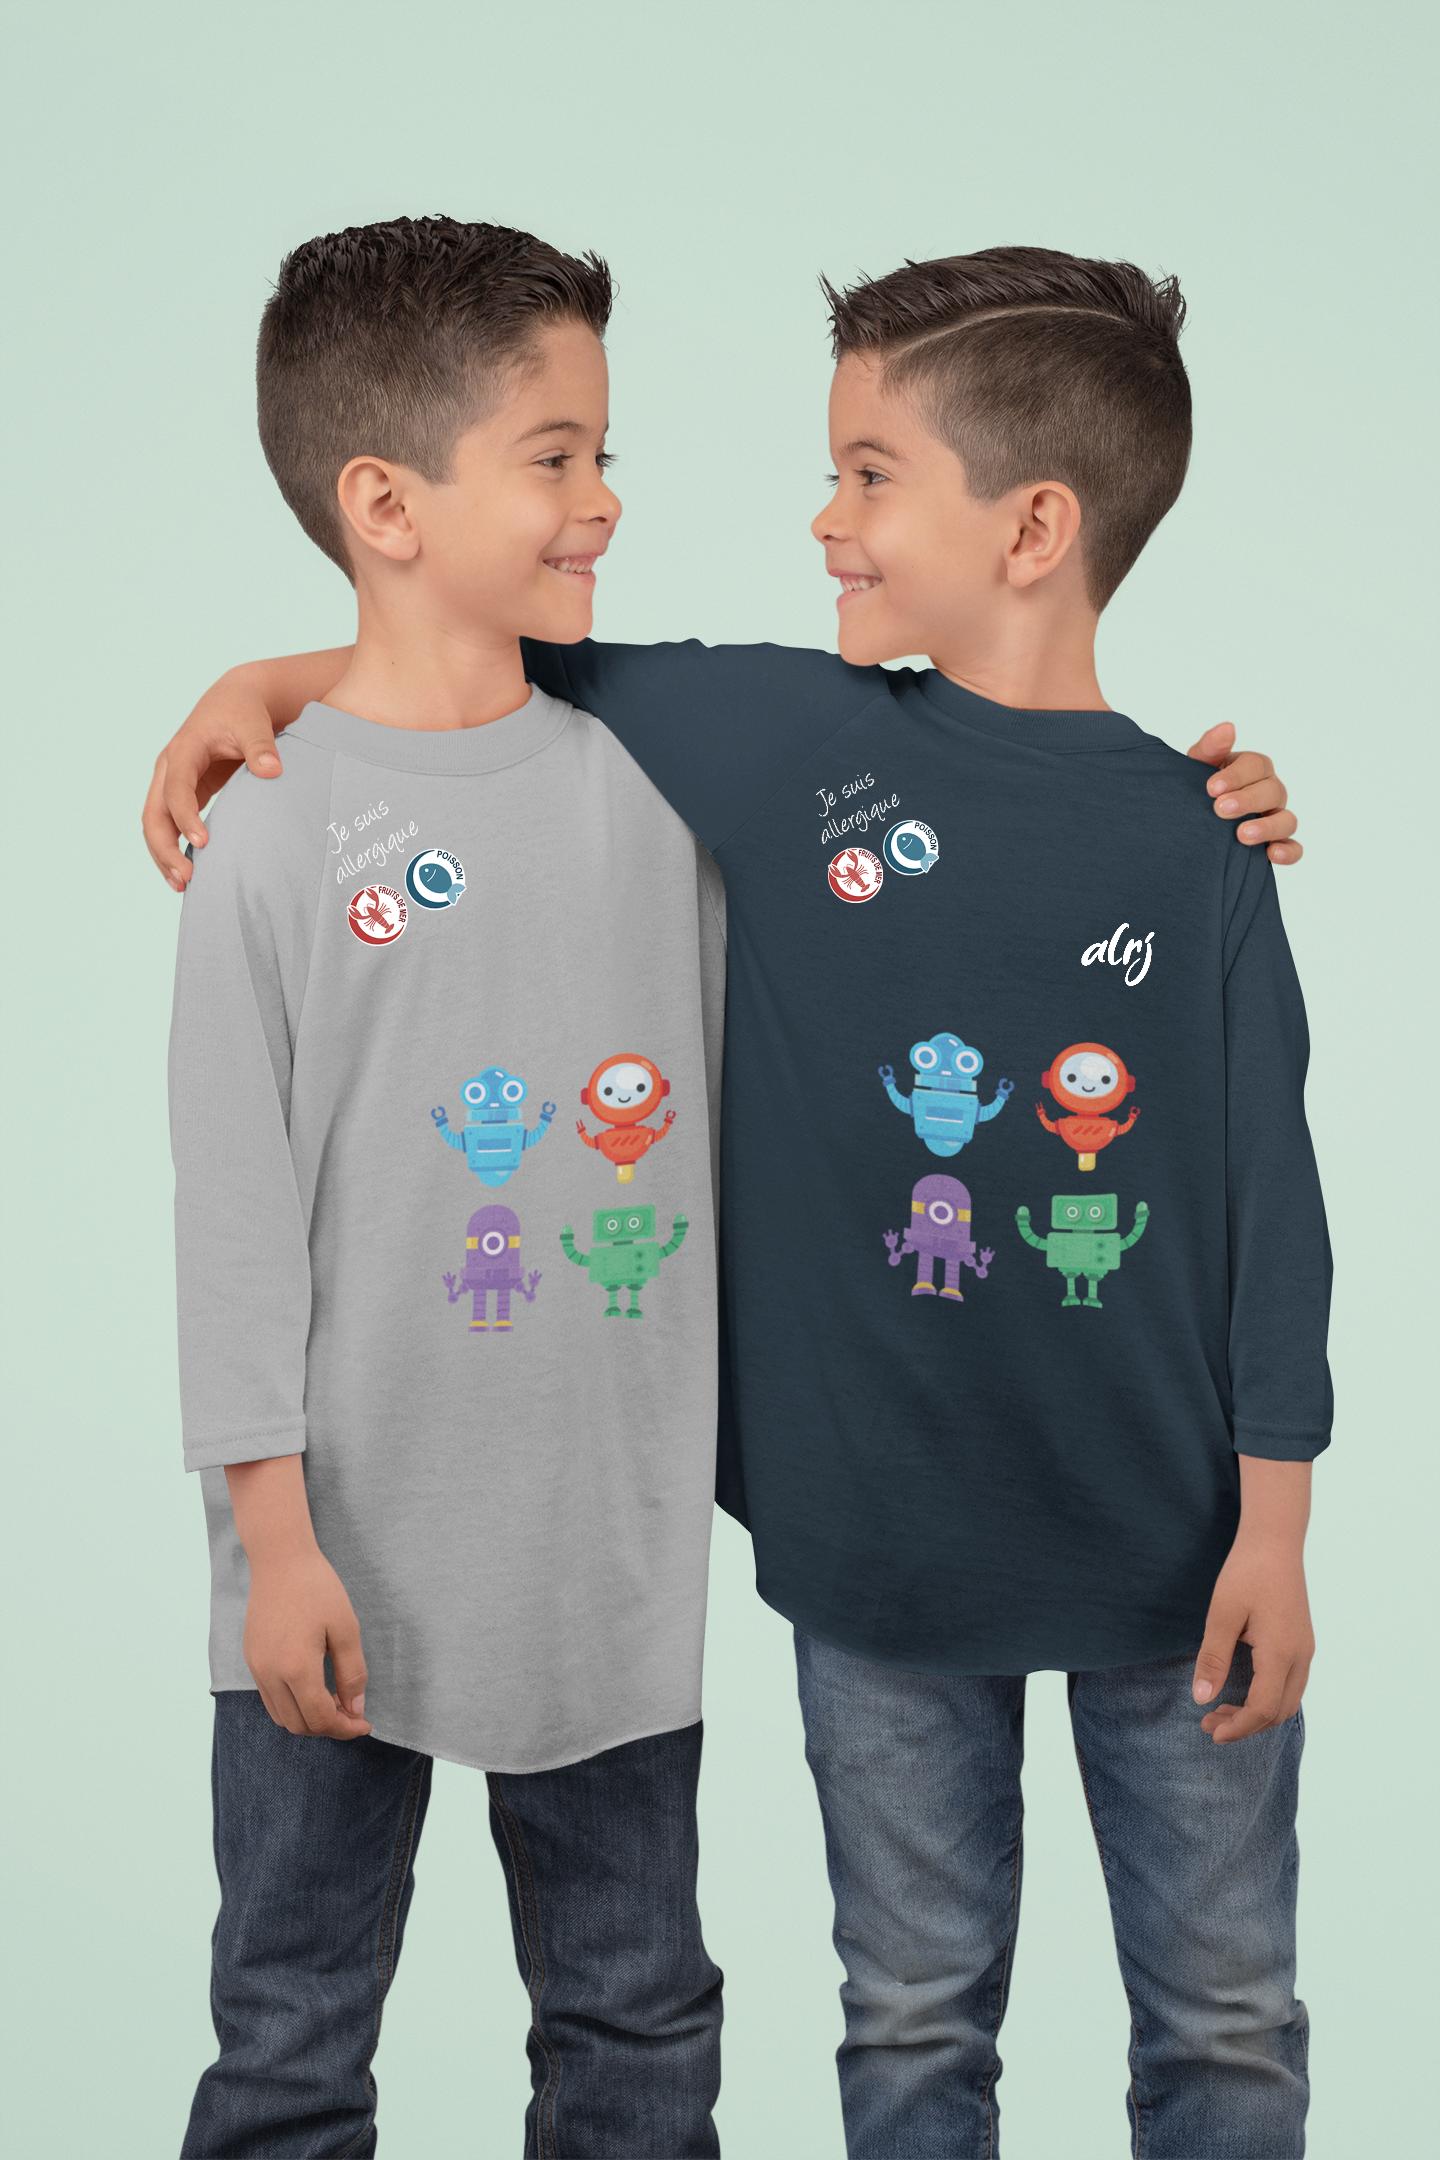 frères jumeaux portant des t-shirts manche longue alrj avec leurs allergies alimentaires